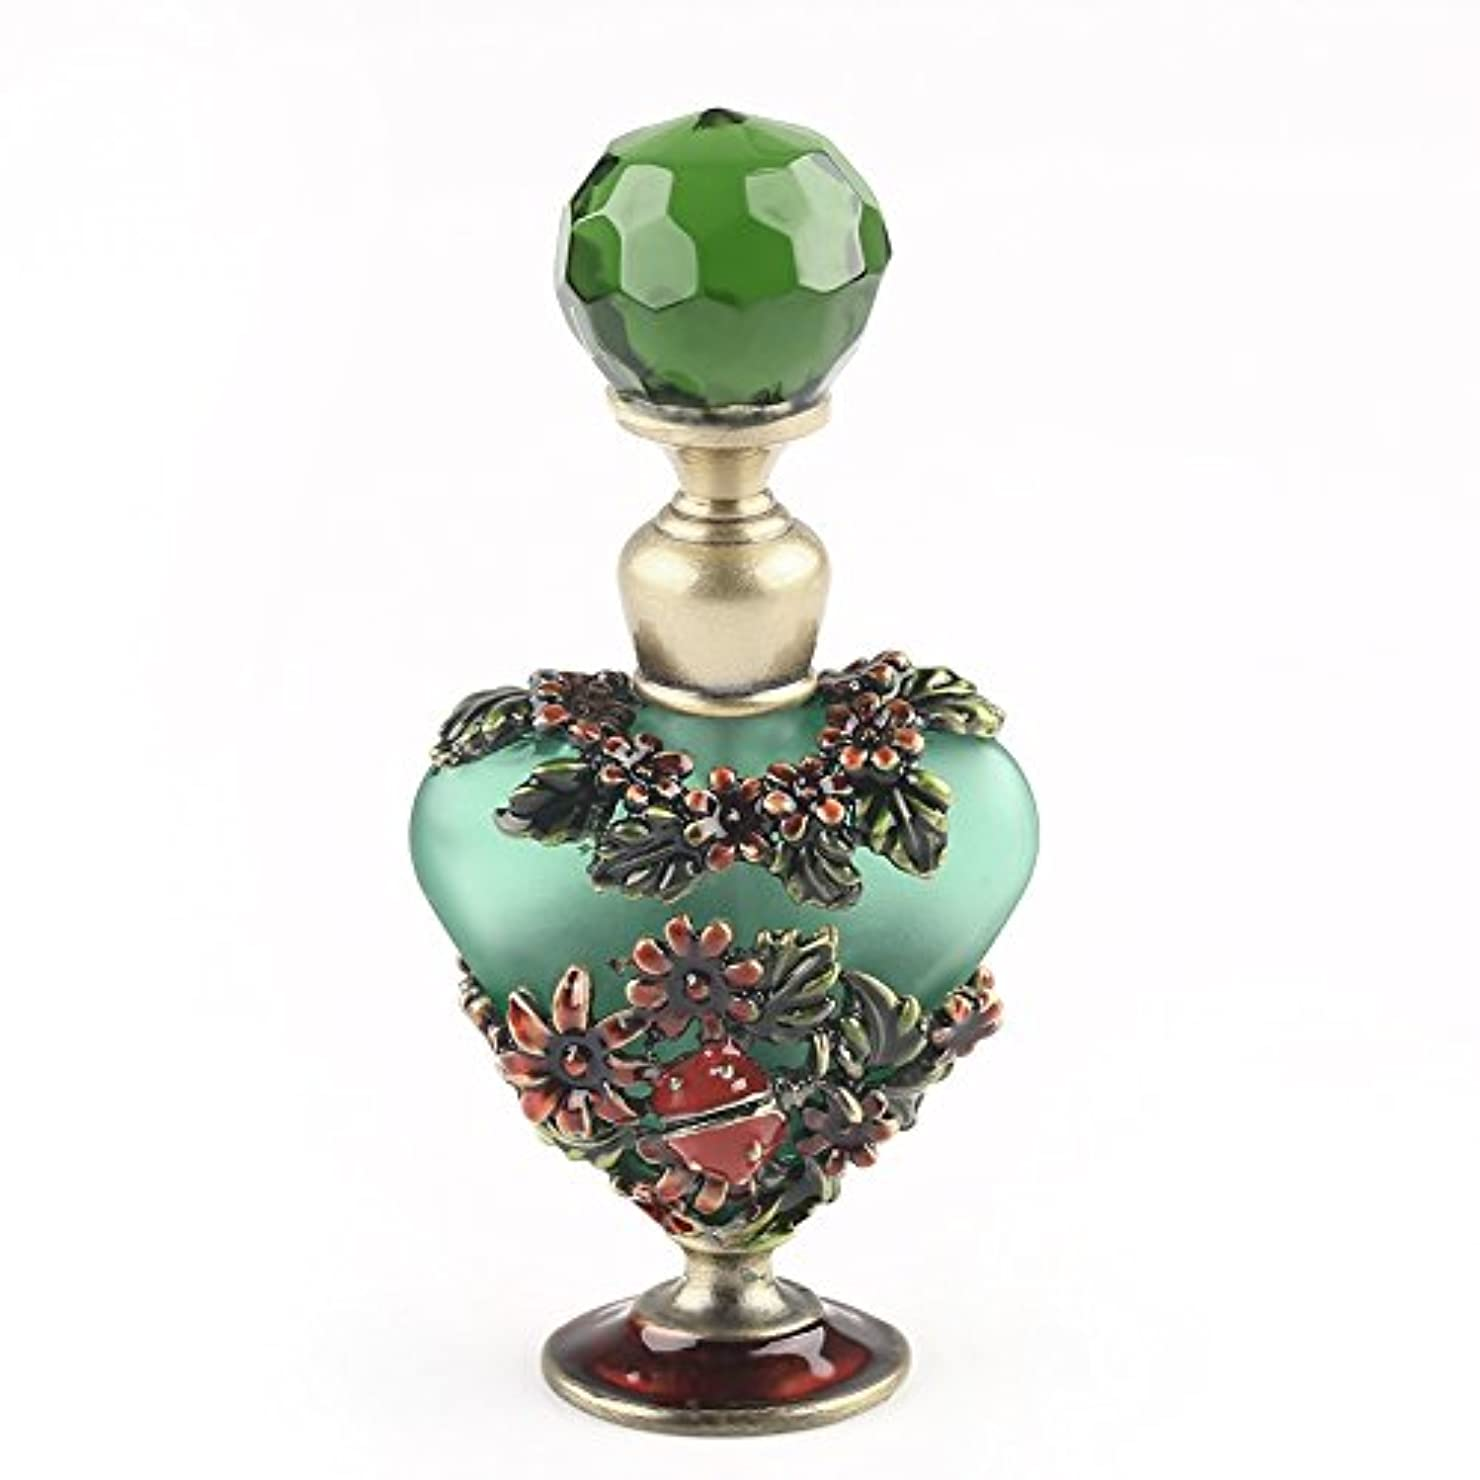 歯科のフェローシップ勢いVERY100 高品質 美しい香水瓶/アロマボトル 5ML アロマオイル用瓶 綺麗アンティーク調 フラワーデザイン プレゼント 結婚式 飾り 70292